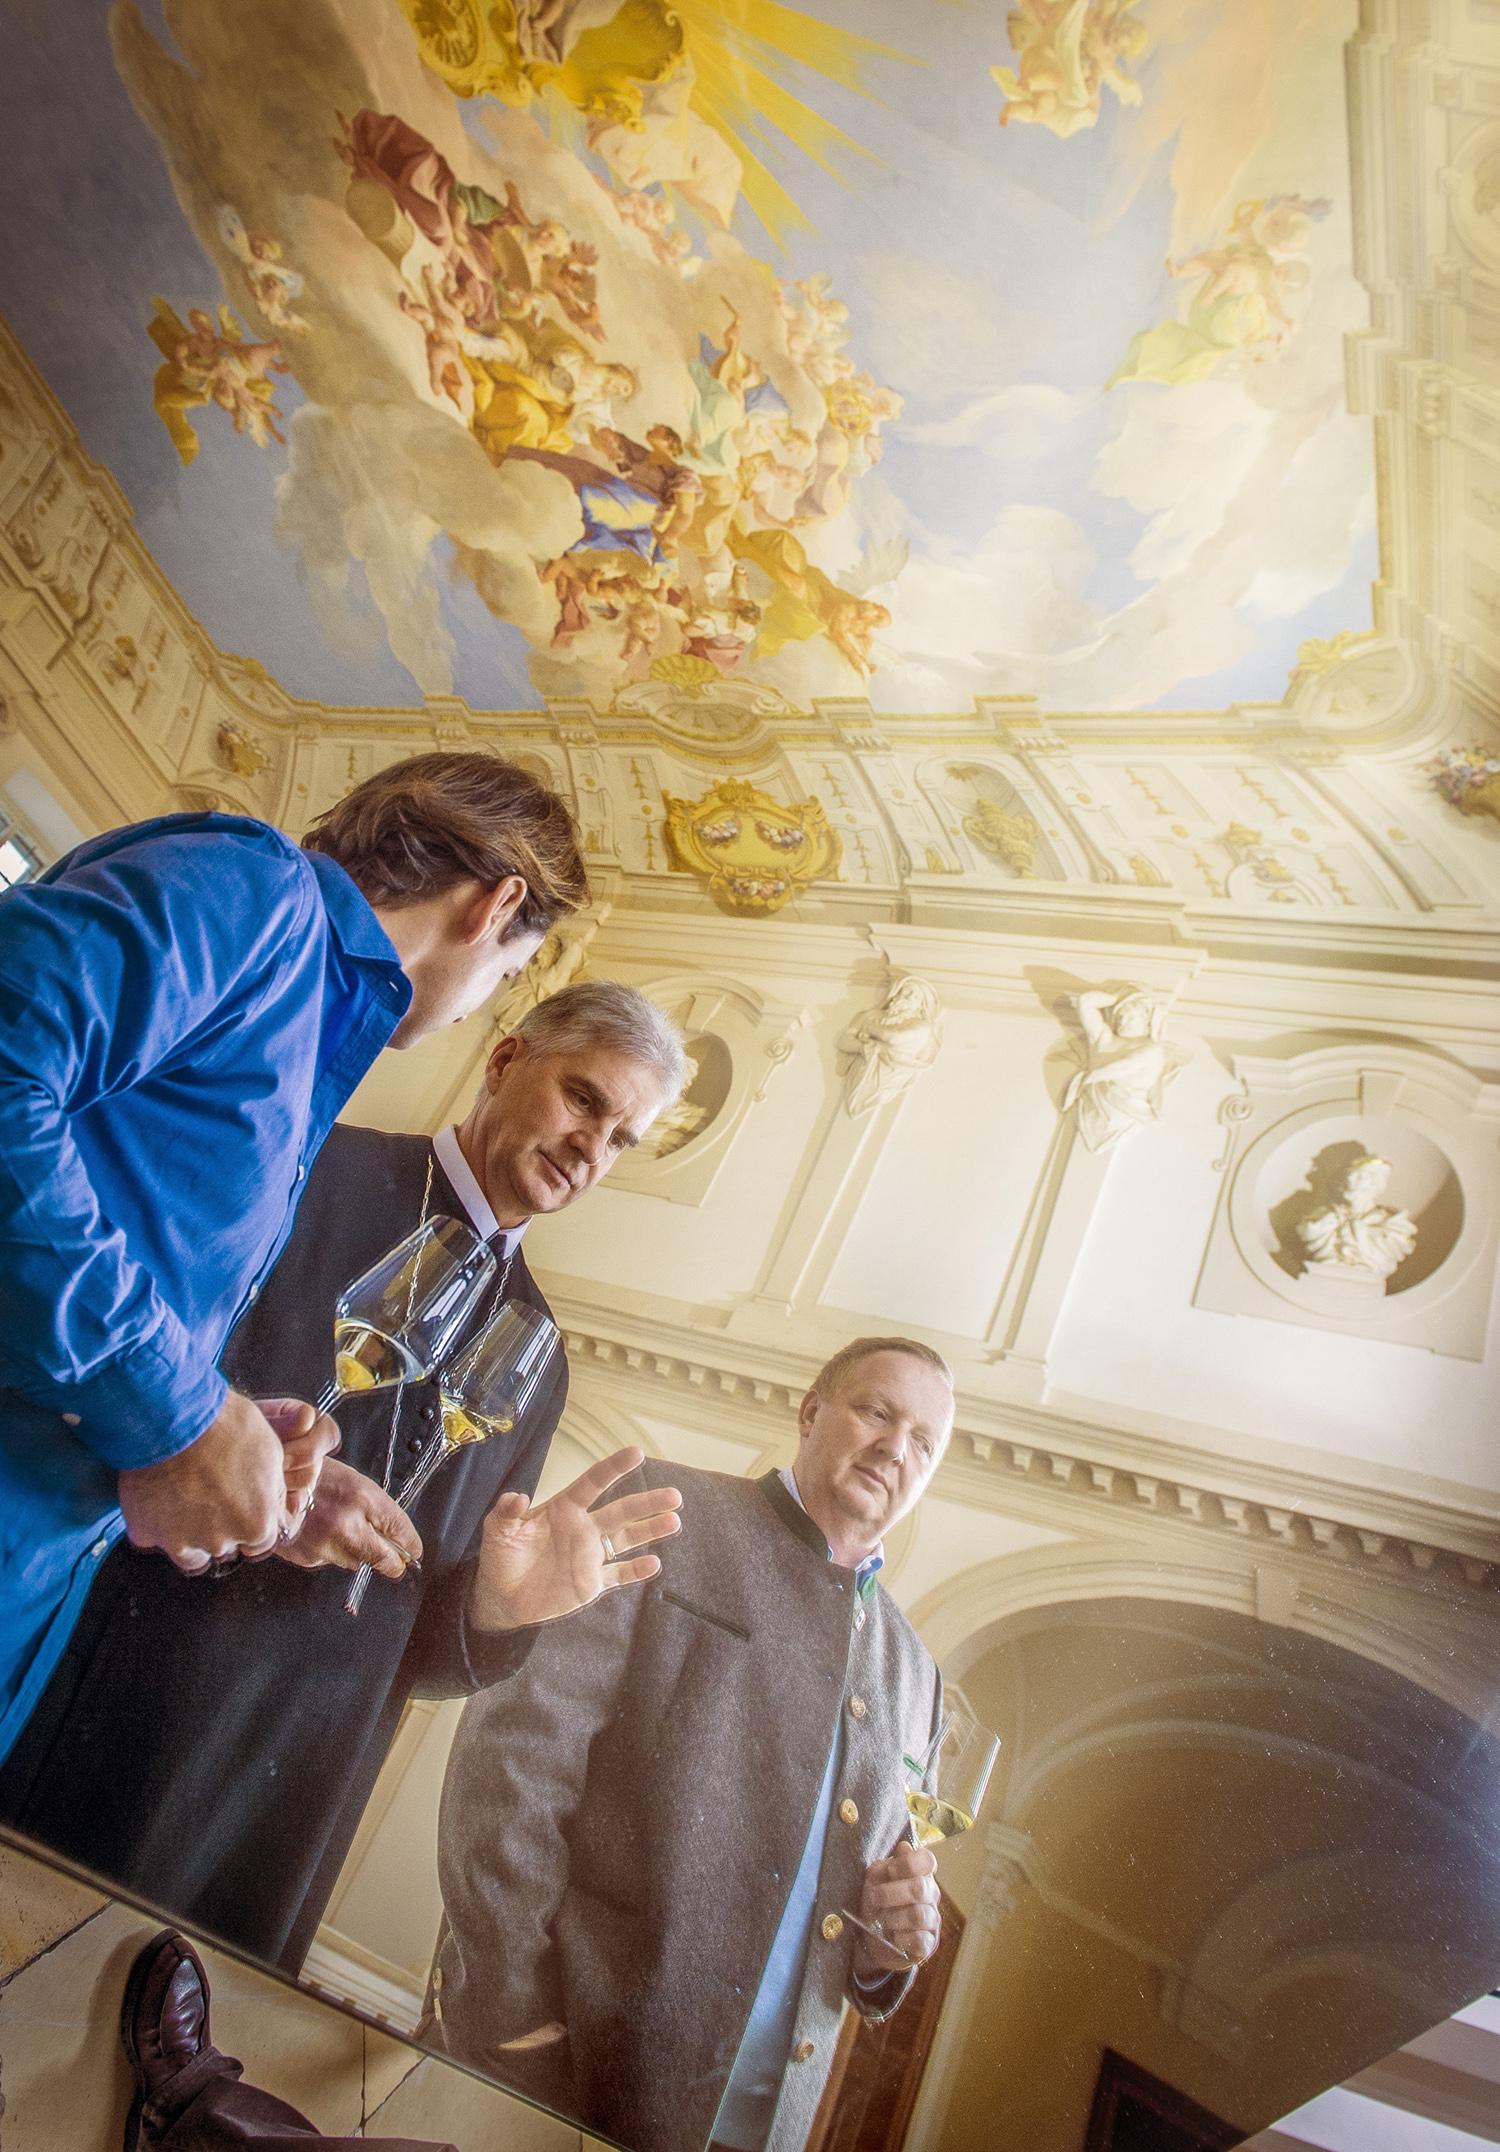 Weindegustation Abt Columban Luser O.S.B. mit Herrn Gansberger und Herrn Miesbauer im Stift Göttweig / FC: Robert Herbst / Stift Göttweig